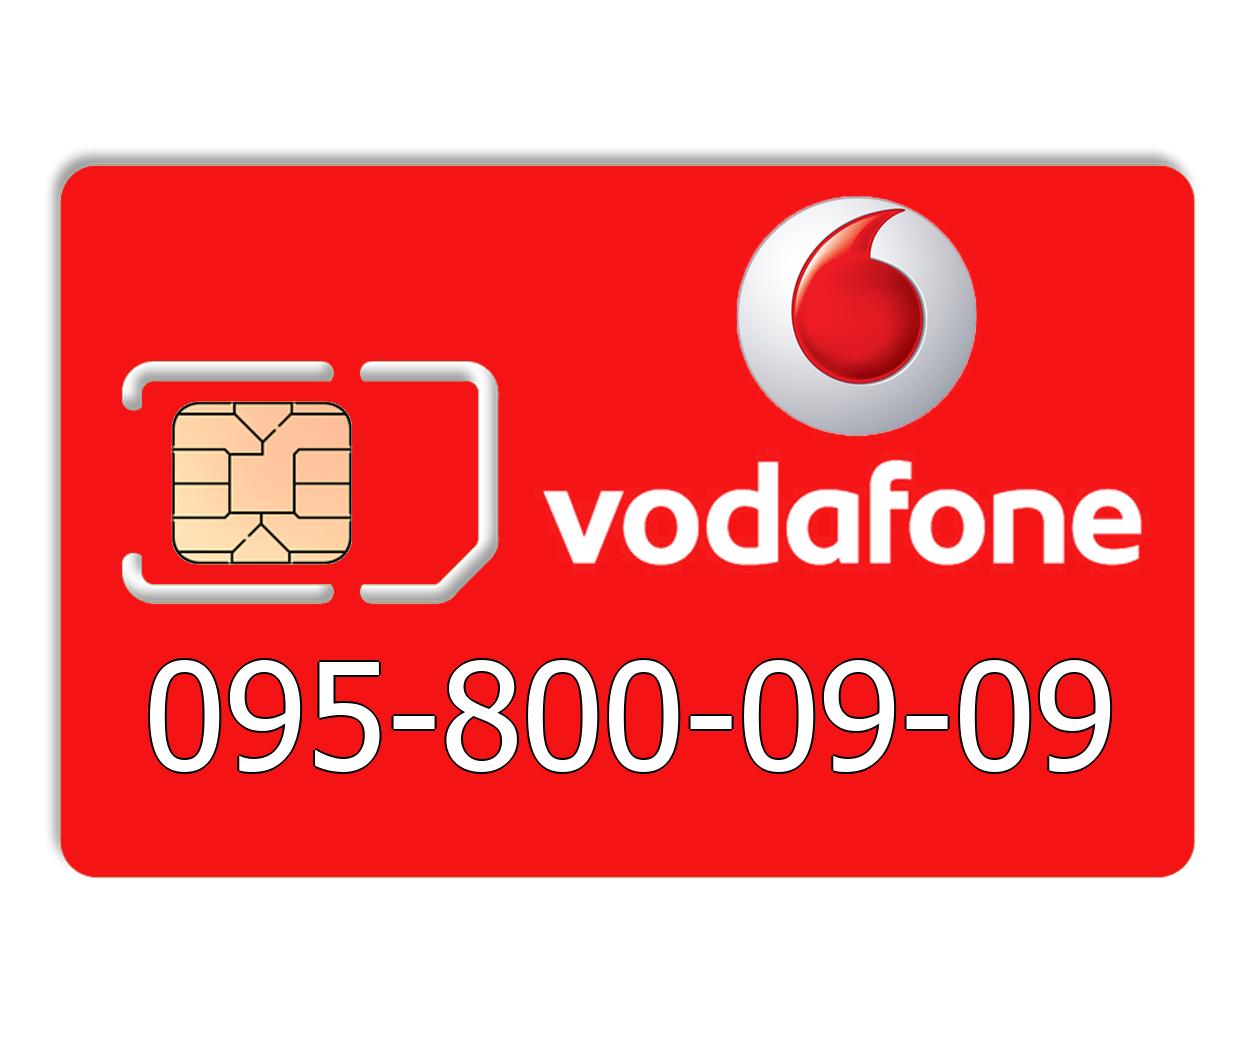 Красивый номер Vodafone 095-800-09-09